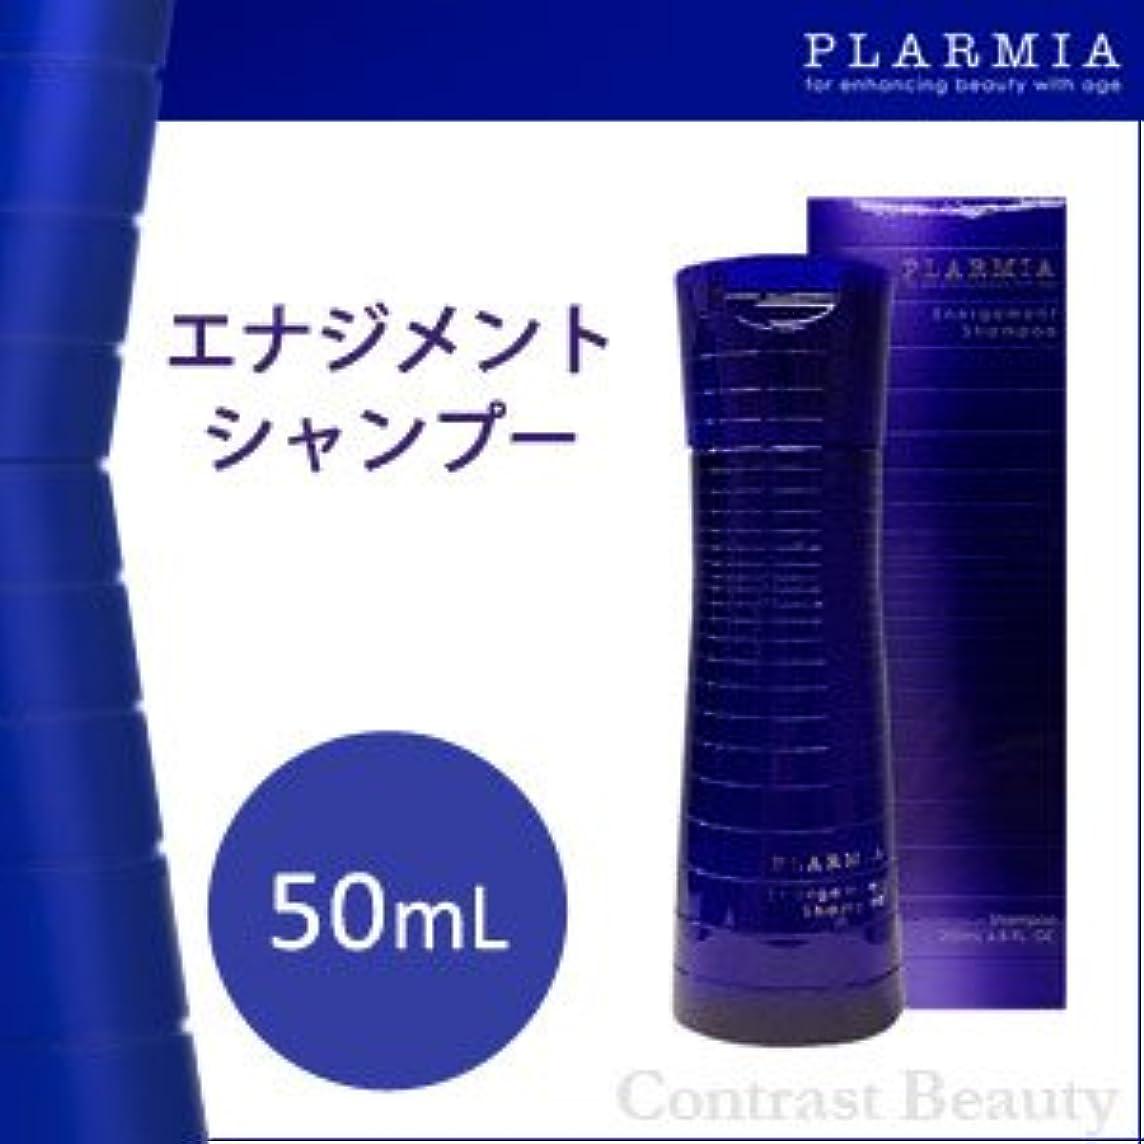 略す対象神話【x4個セット】 ミルボン プラーミア エナジメントシャンプー 50ml